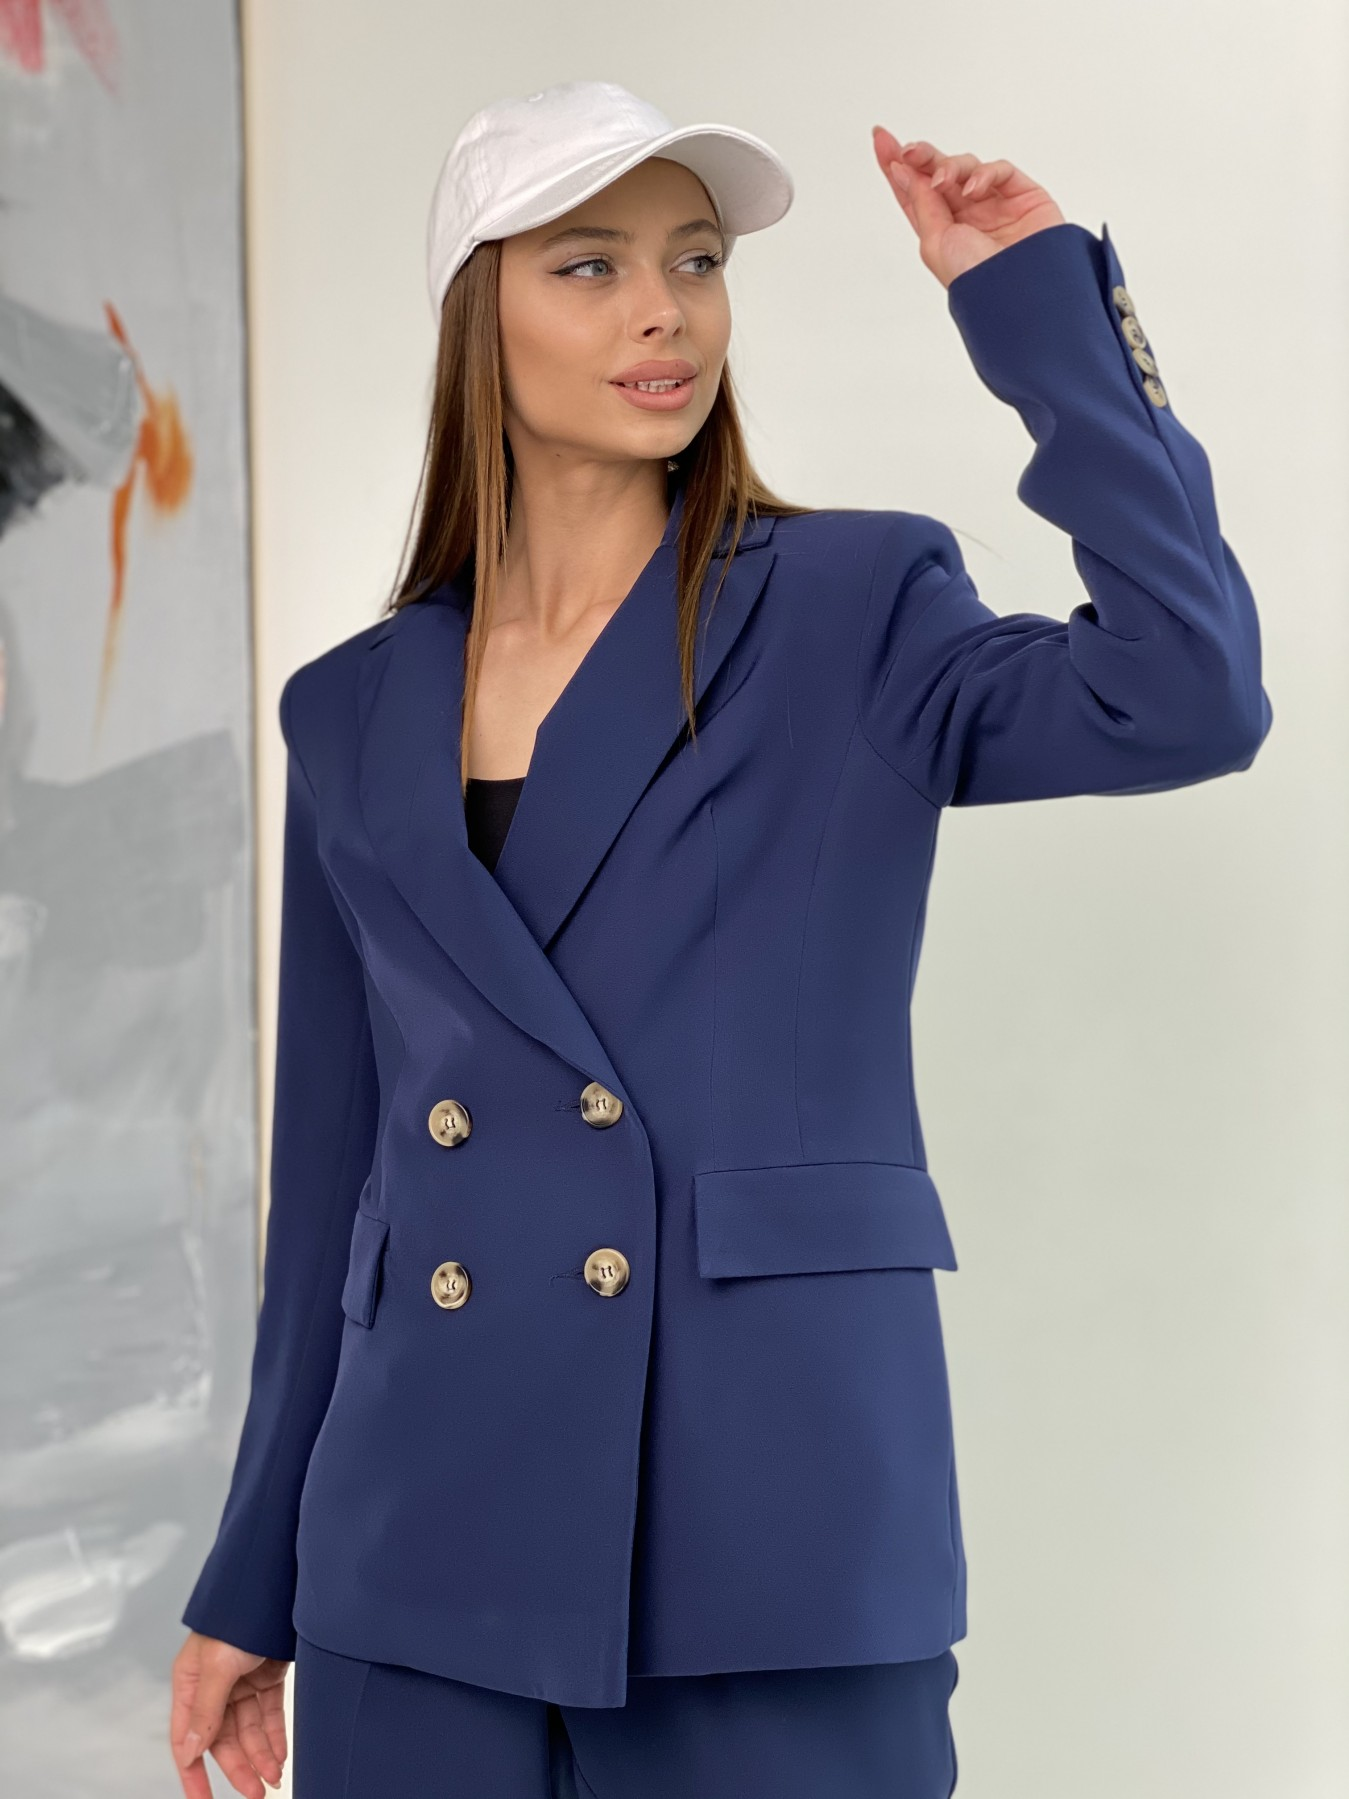 Франко костюм из костюмной ткани 11090 АРТ. 47972 Цвет: Т.синий - фото 6, интернет магазин tm-modus.ru